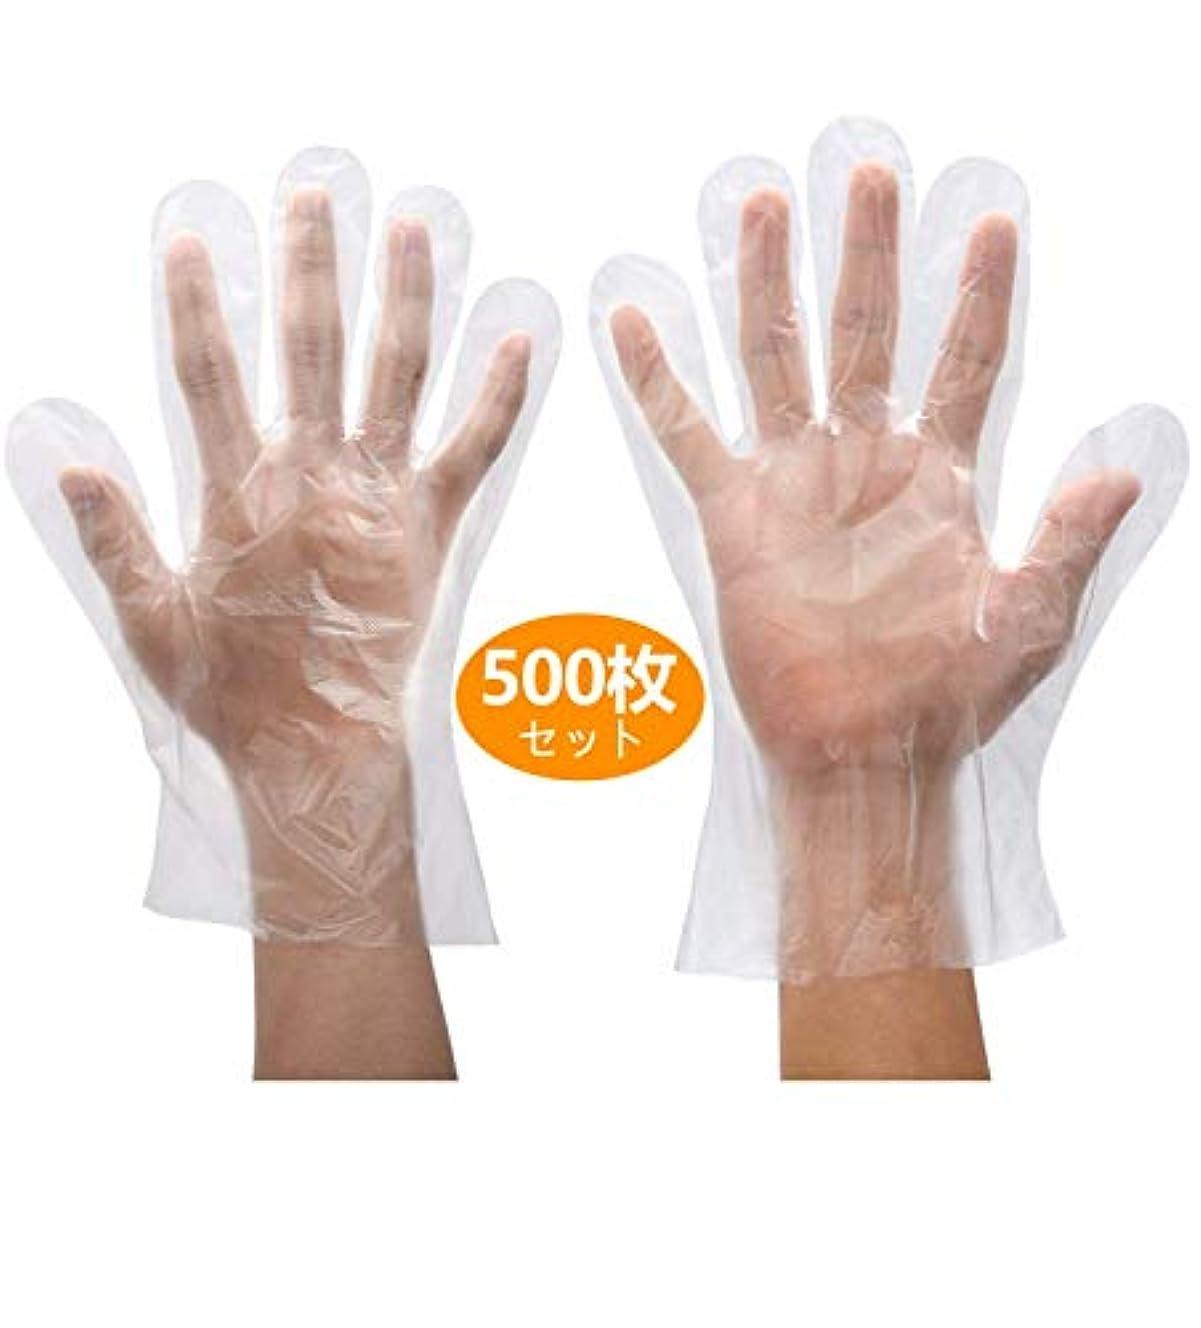 自然冬クルー使い捨て手袋 500枚セット ポリエチレン手袋 極薄ビニール手袋 透明 実用 使いきり手袋 極薄手袋 disposable gloves 極うす手 食品衛生法適合